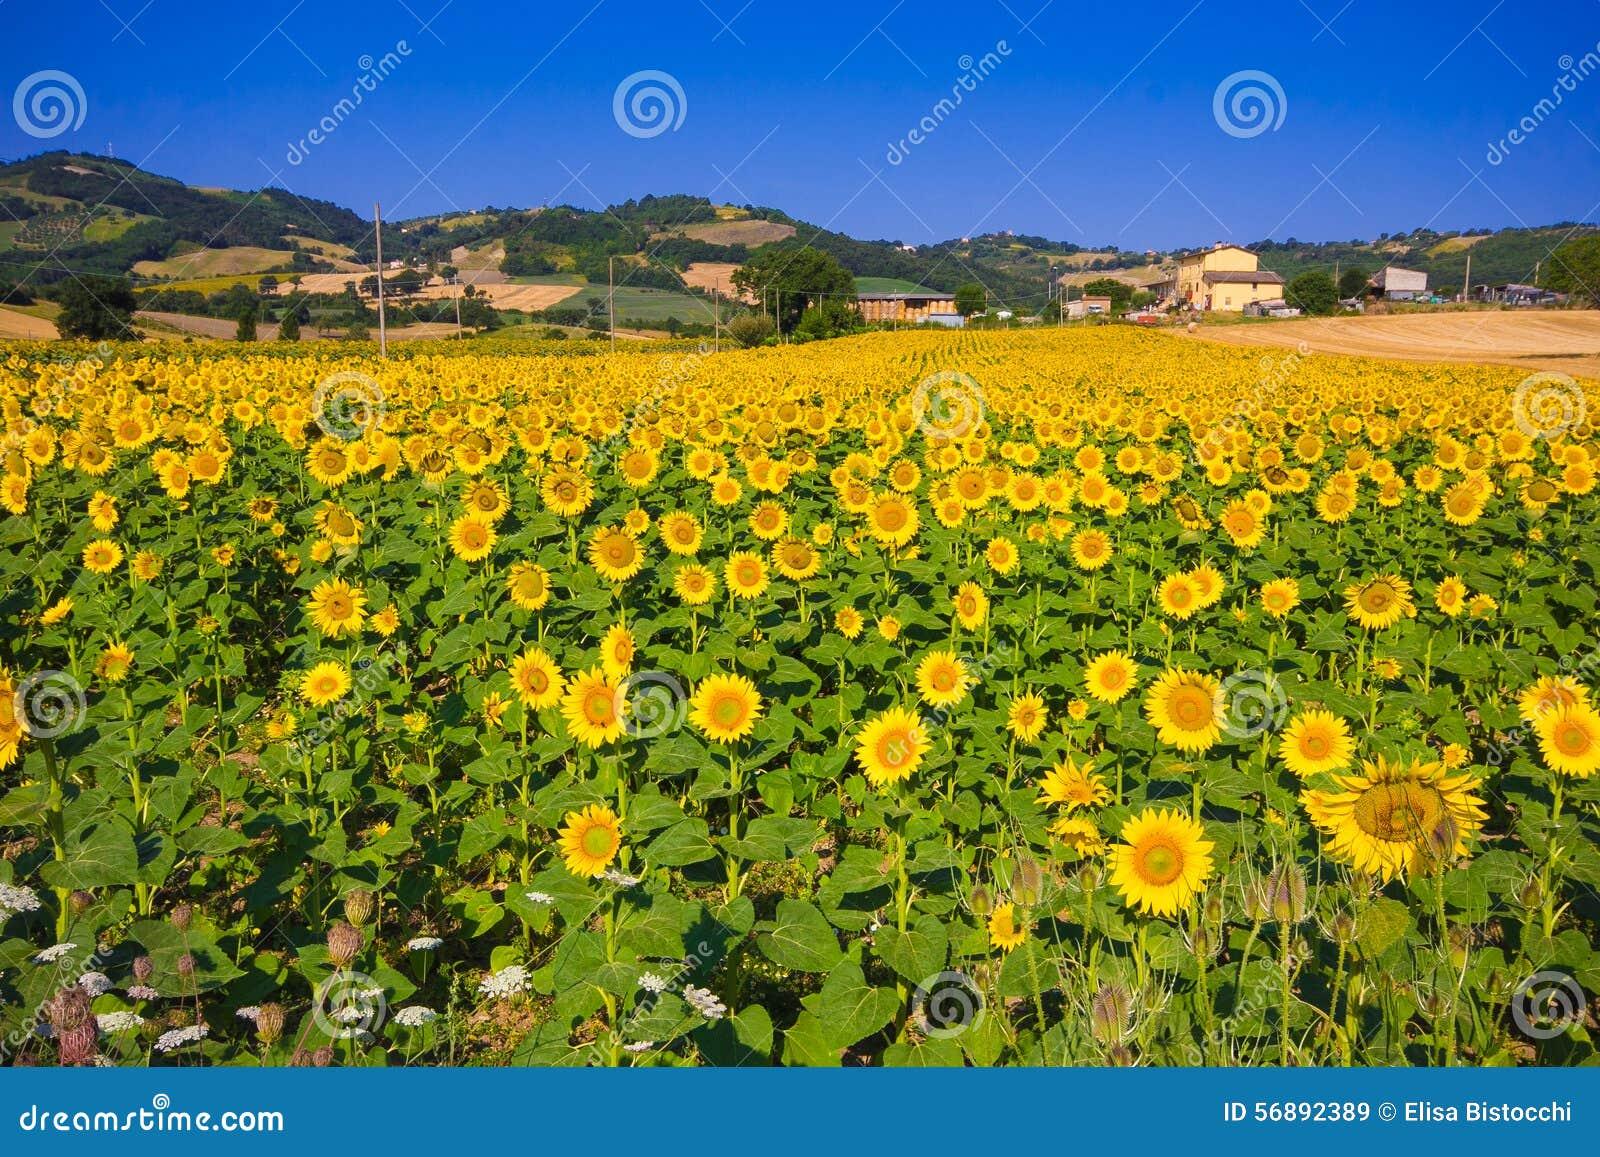 Girasole ed altre zone agricole nella distanza